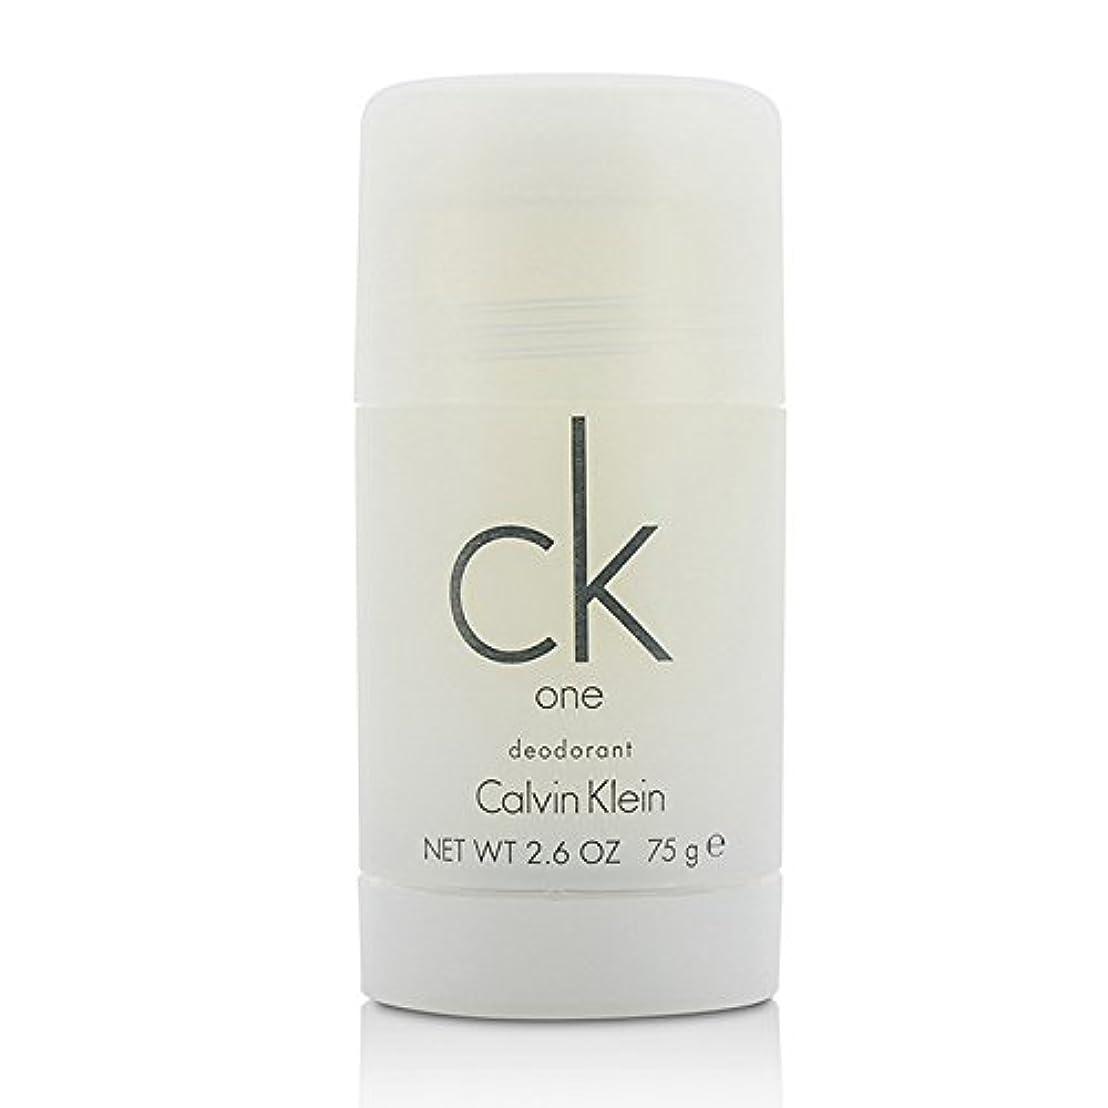 ナサニエル区ゆり重量カルバンクライン(Calvin Klein) シーケーワン(CK ONE) デオドラントスティック 75ml/2.5oz[並行輸入品]